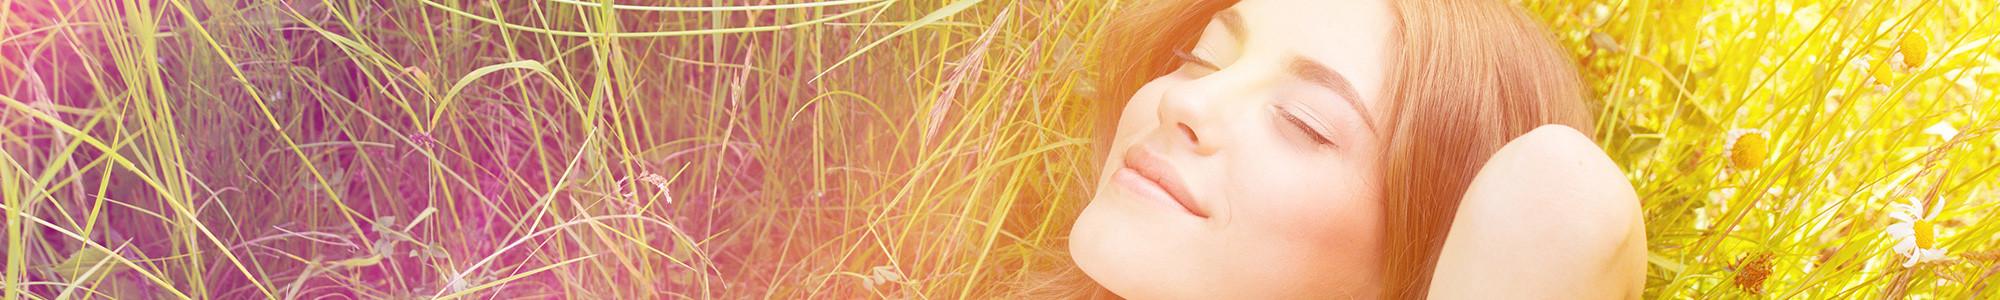 Yamswurzel kaufen: pflanzlich - für jede Frau